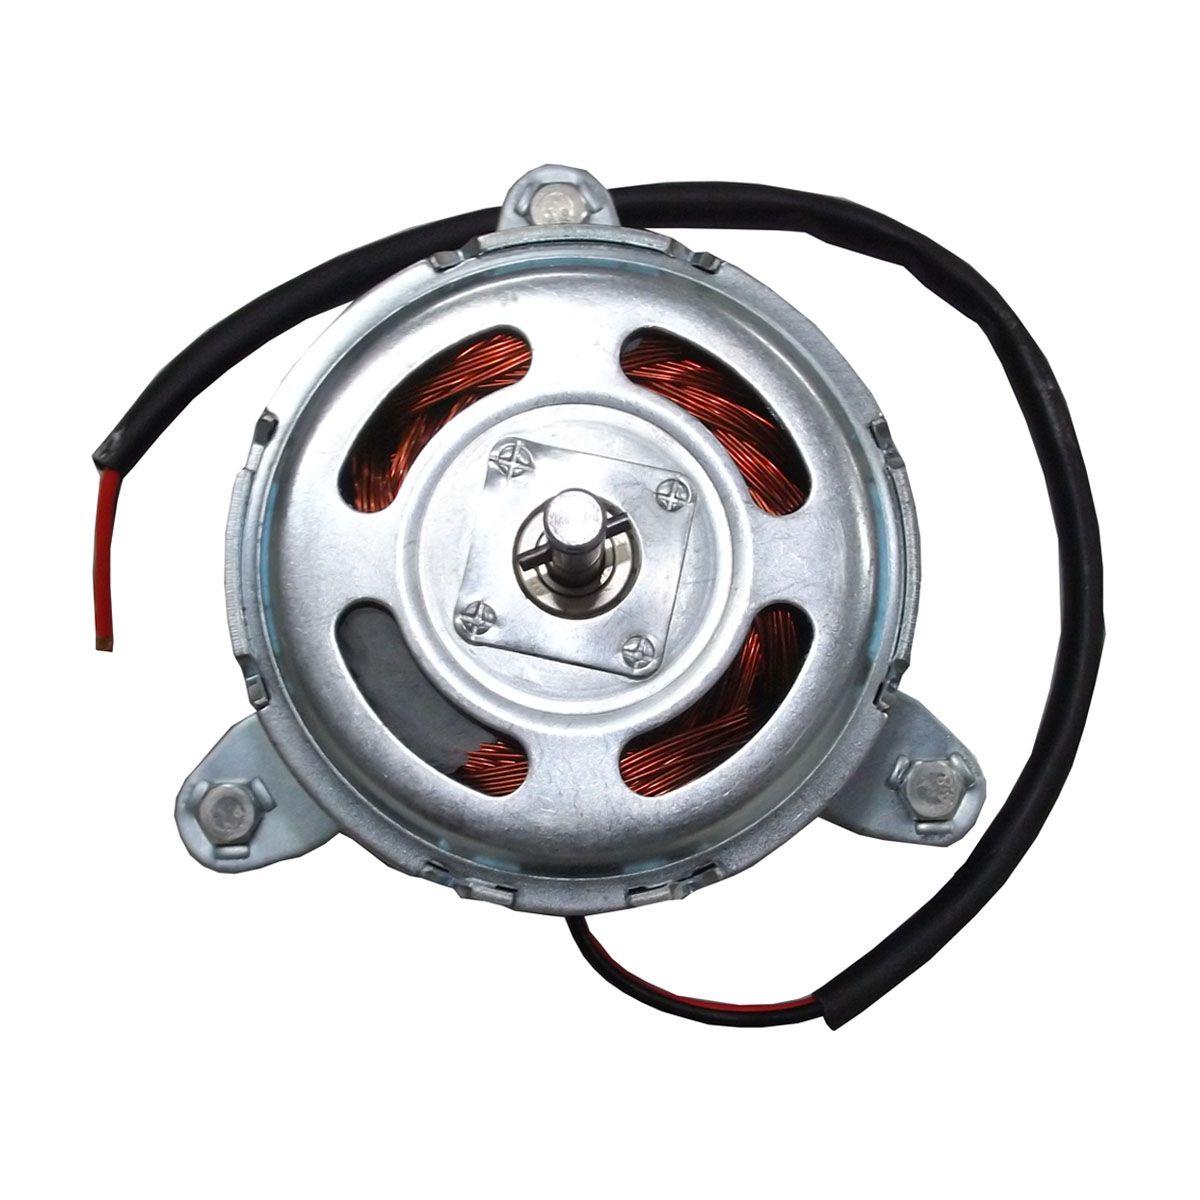 Motor Ventoinhar Universal 12 Volts Com Pino Adaptador